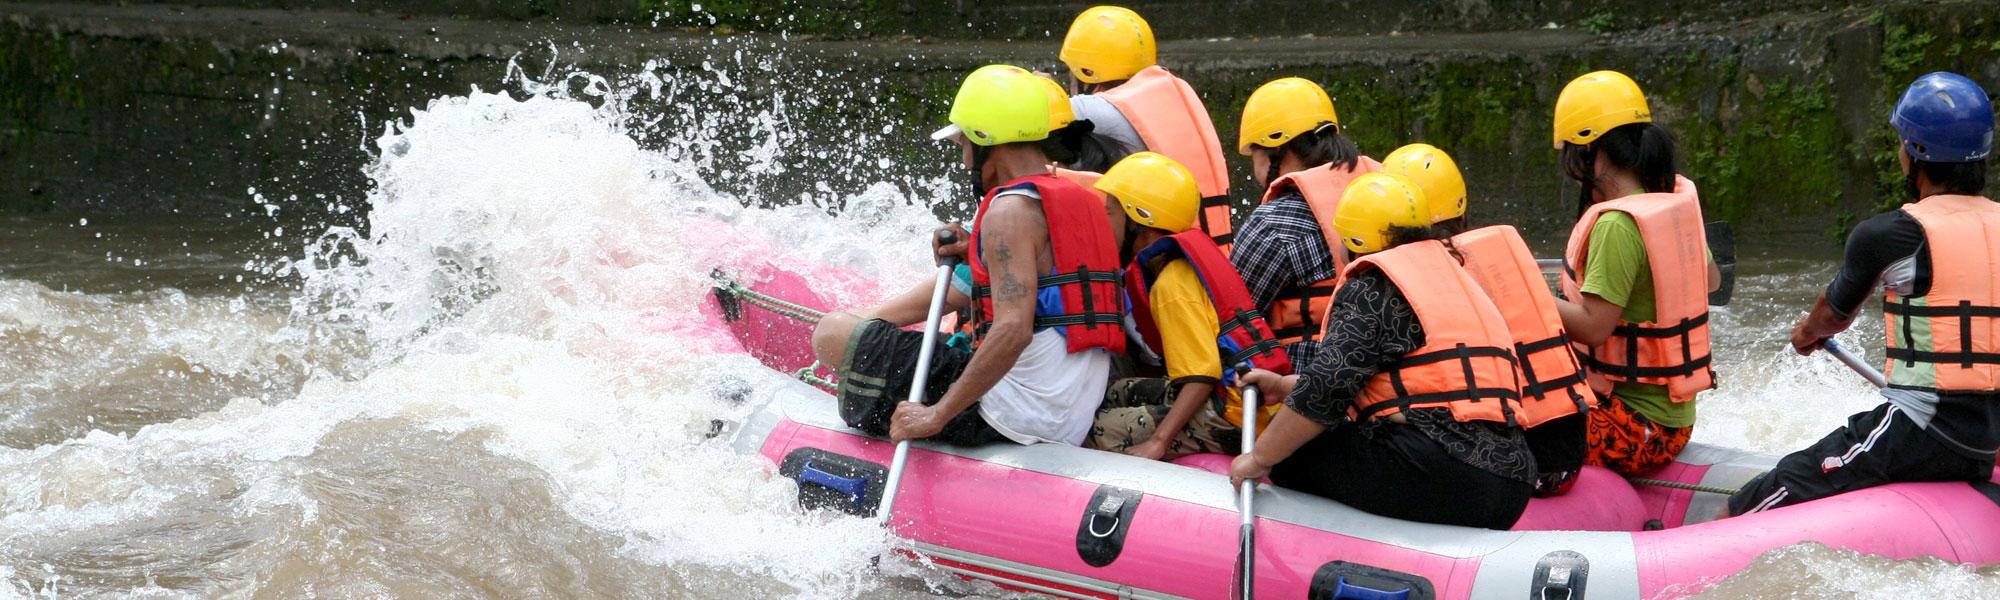 kayaking-thailand